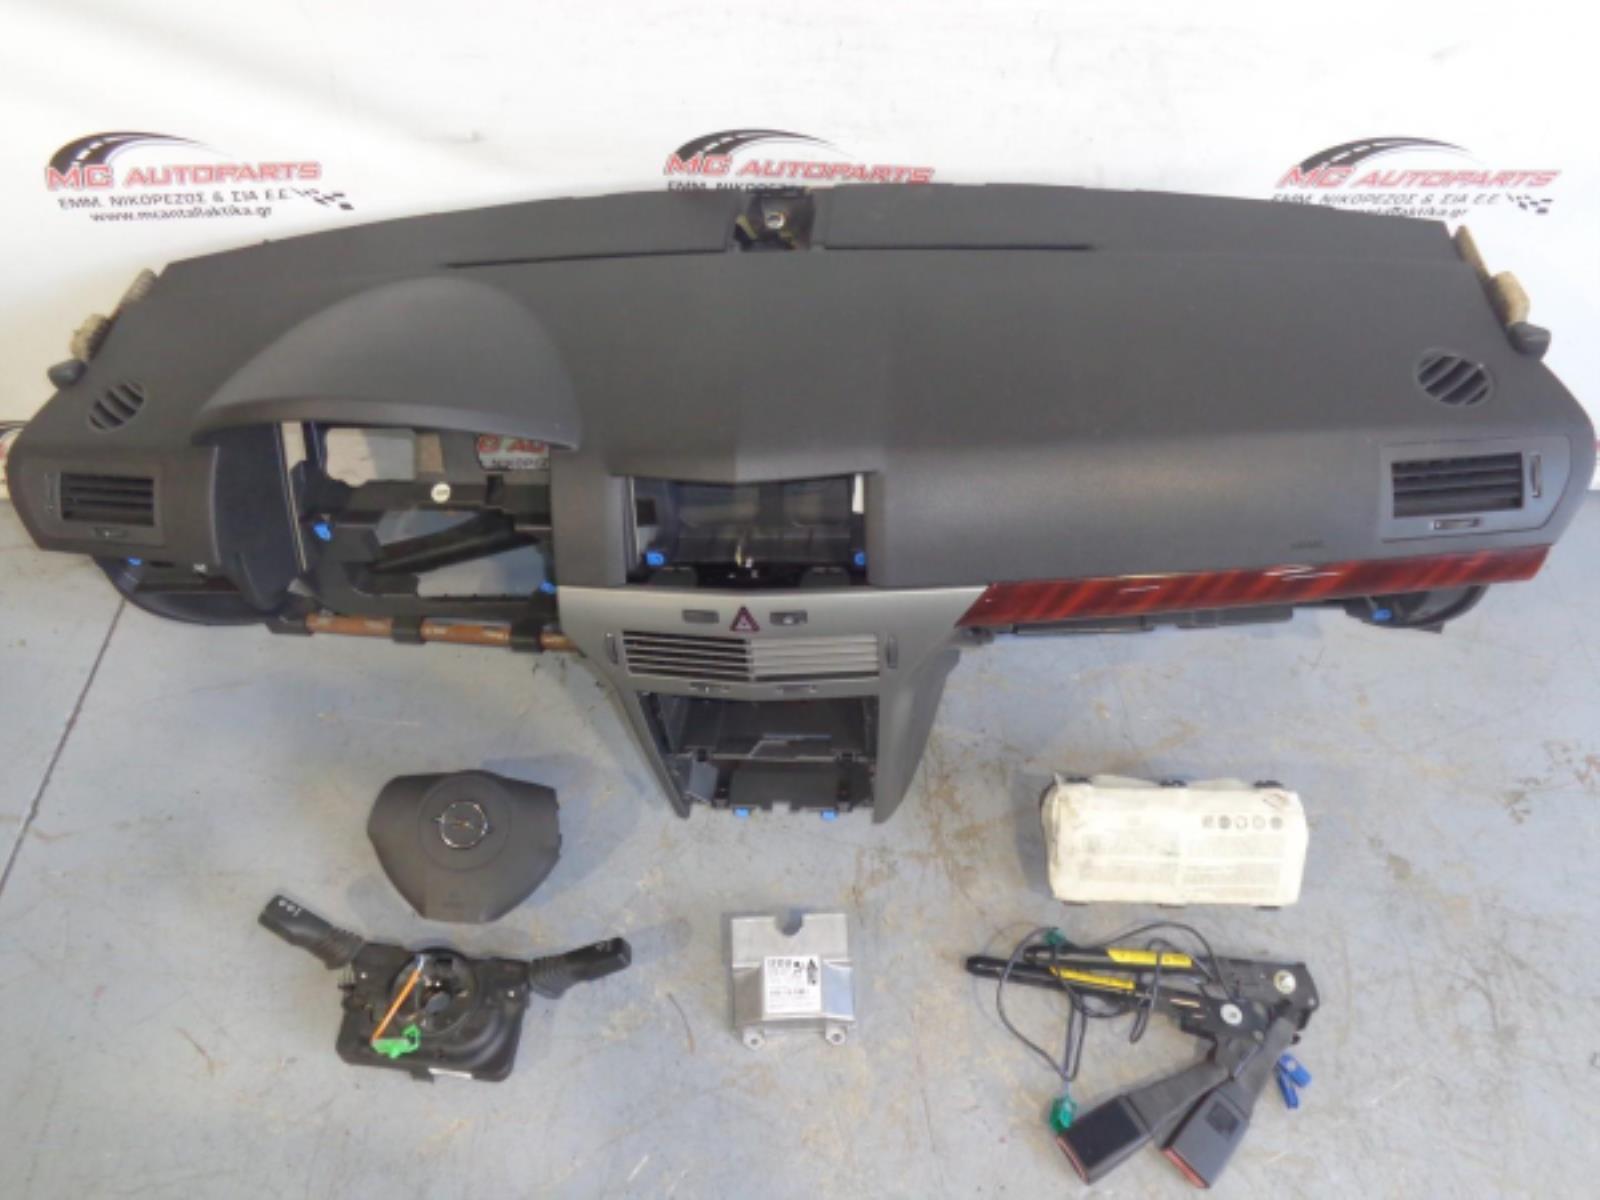 Εικόνα από Αερόσακος  Set  OPEL ASTRA H (2004-2010)     οδηγού 1 μπρίζα, συνοδηγού με ταμπλό, προενατήρες, ταινία με χειριστήρια, εγκέφαλος